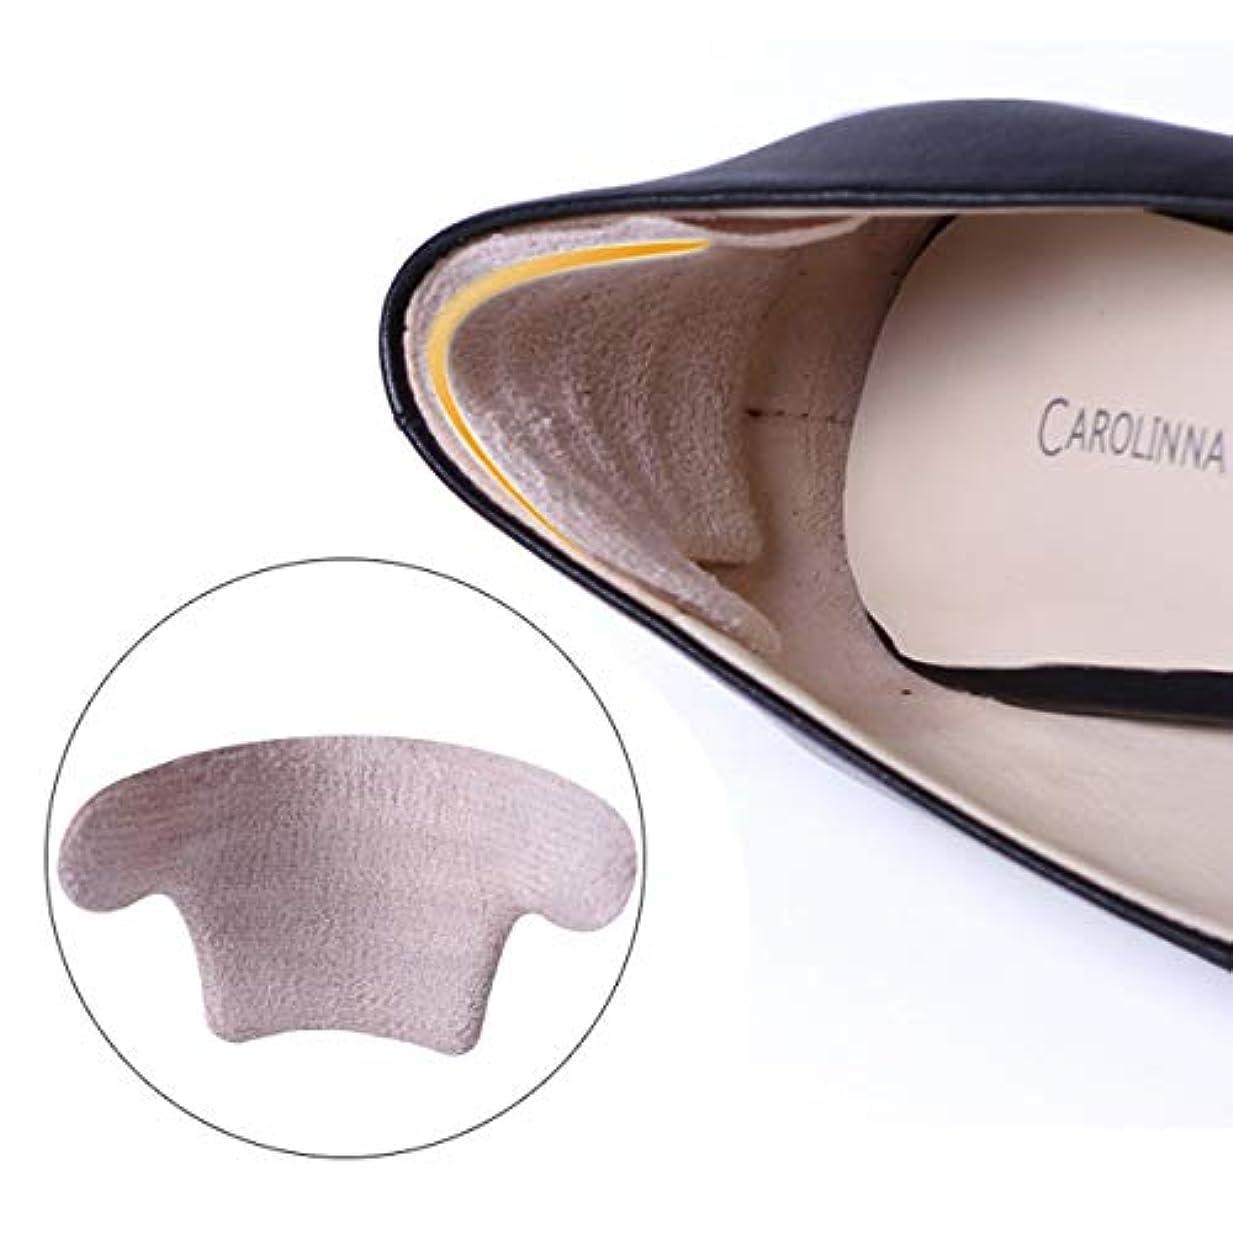 ブレーク少年寄生虫GEL-006 Silicone Moisturizing Gel Heel Socks Cracked Foot Skin Care Protect Foot Chapped Care Tool Health Monitors...